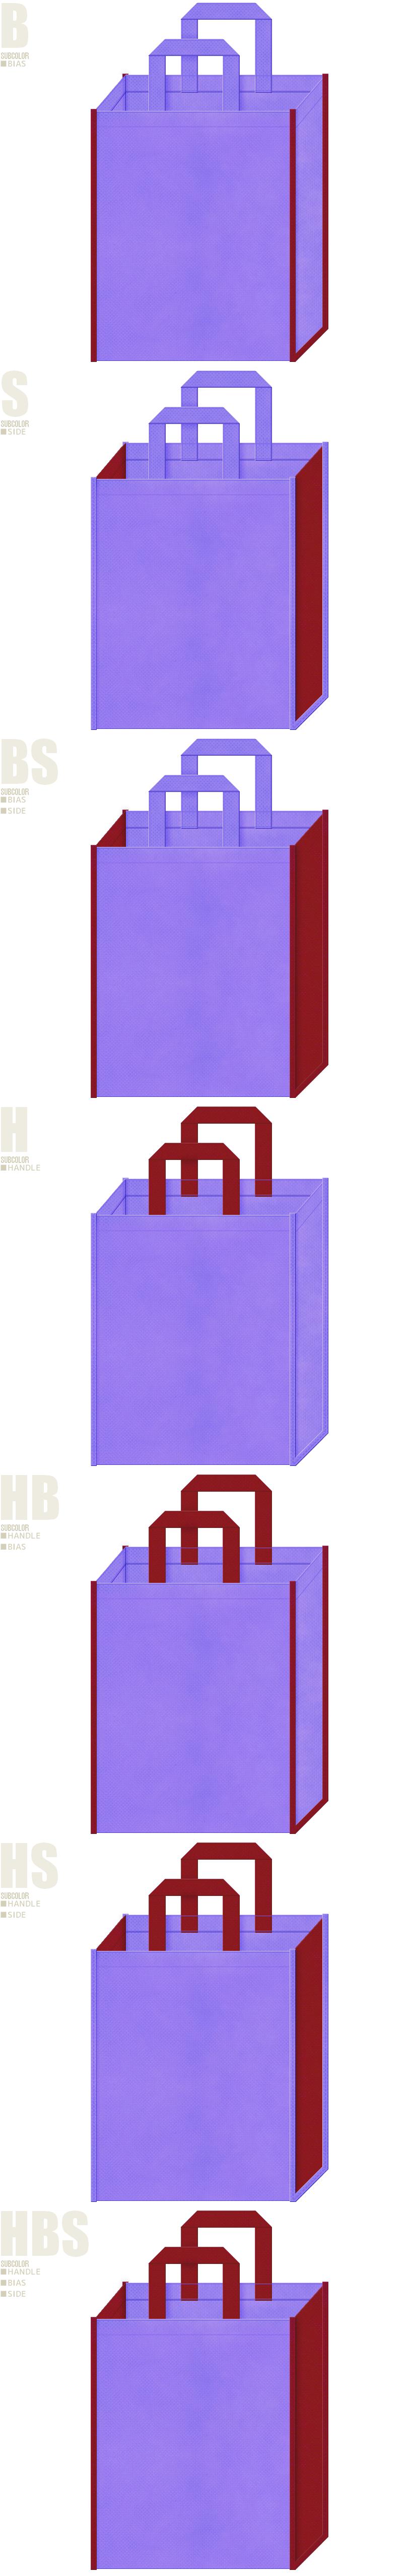 和風催事のバッグノベルティにお奨めの、明るめの紫色とエンジ色、7パターンの不織布トートバッグ配色デザイン例。振袖風。